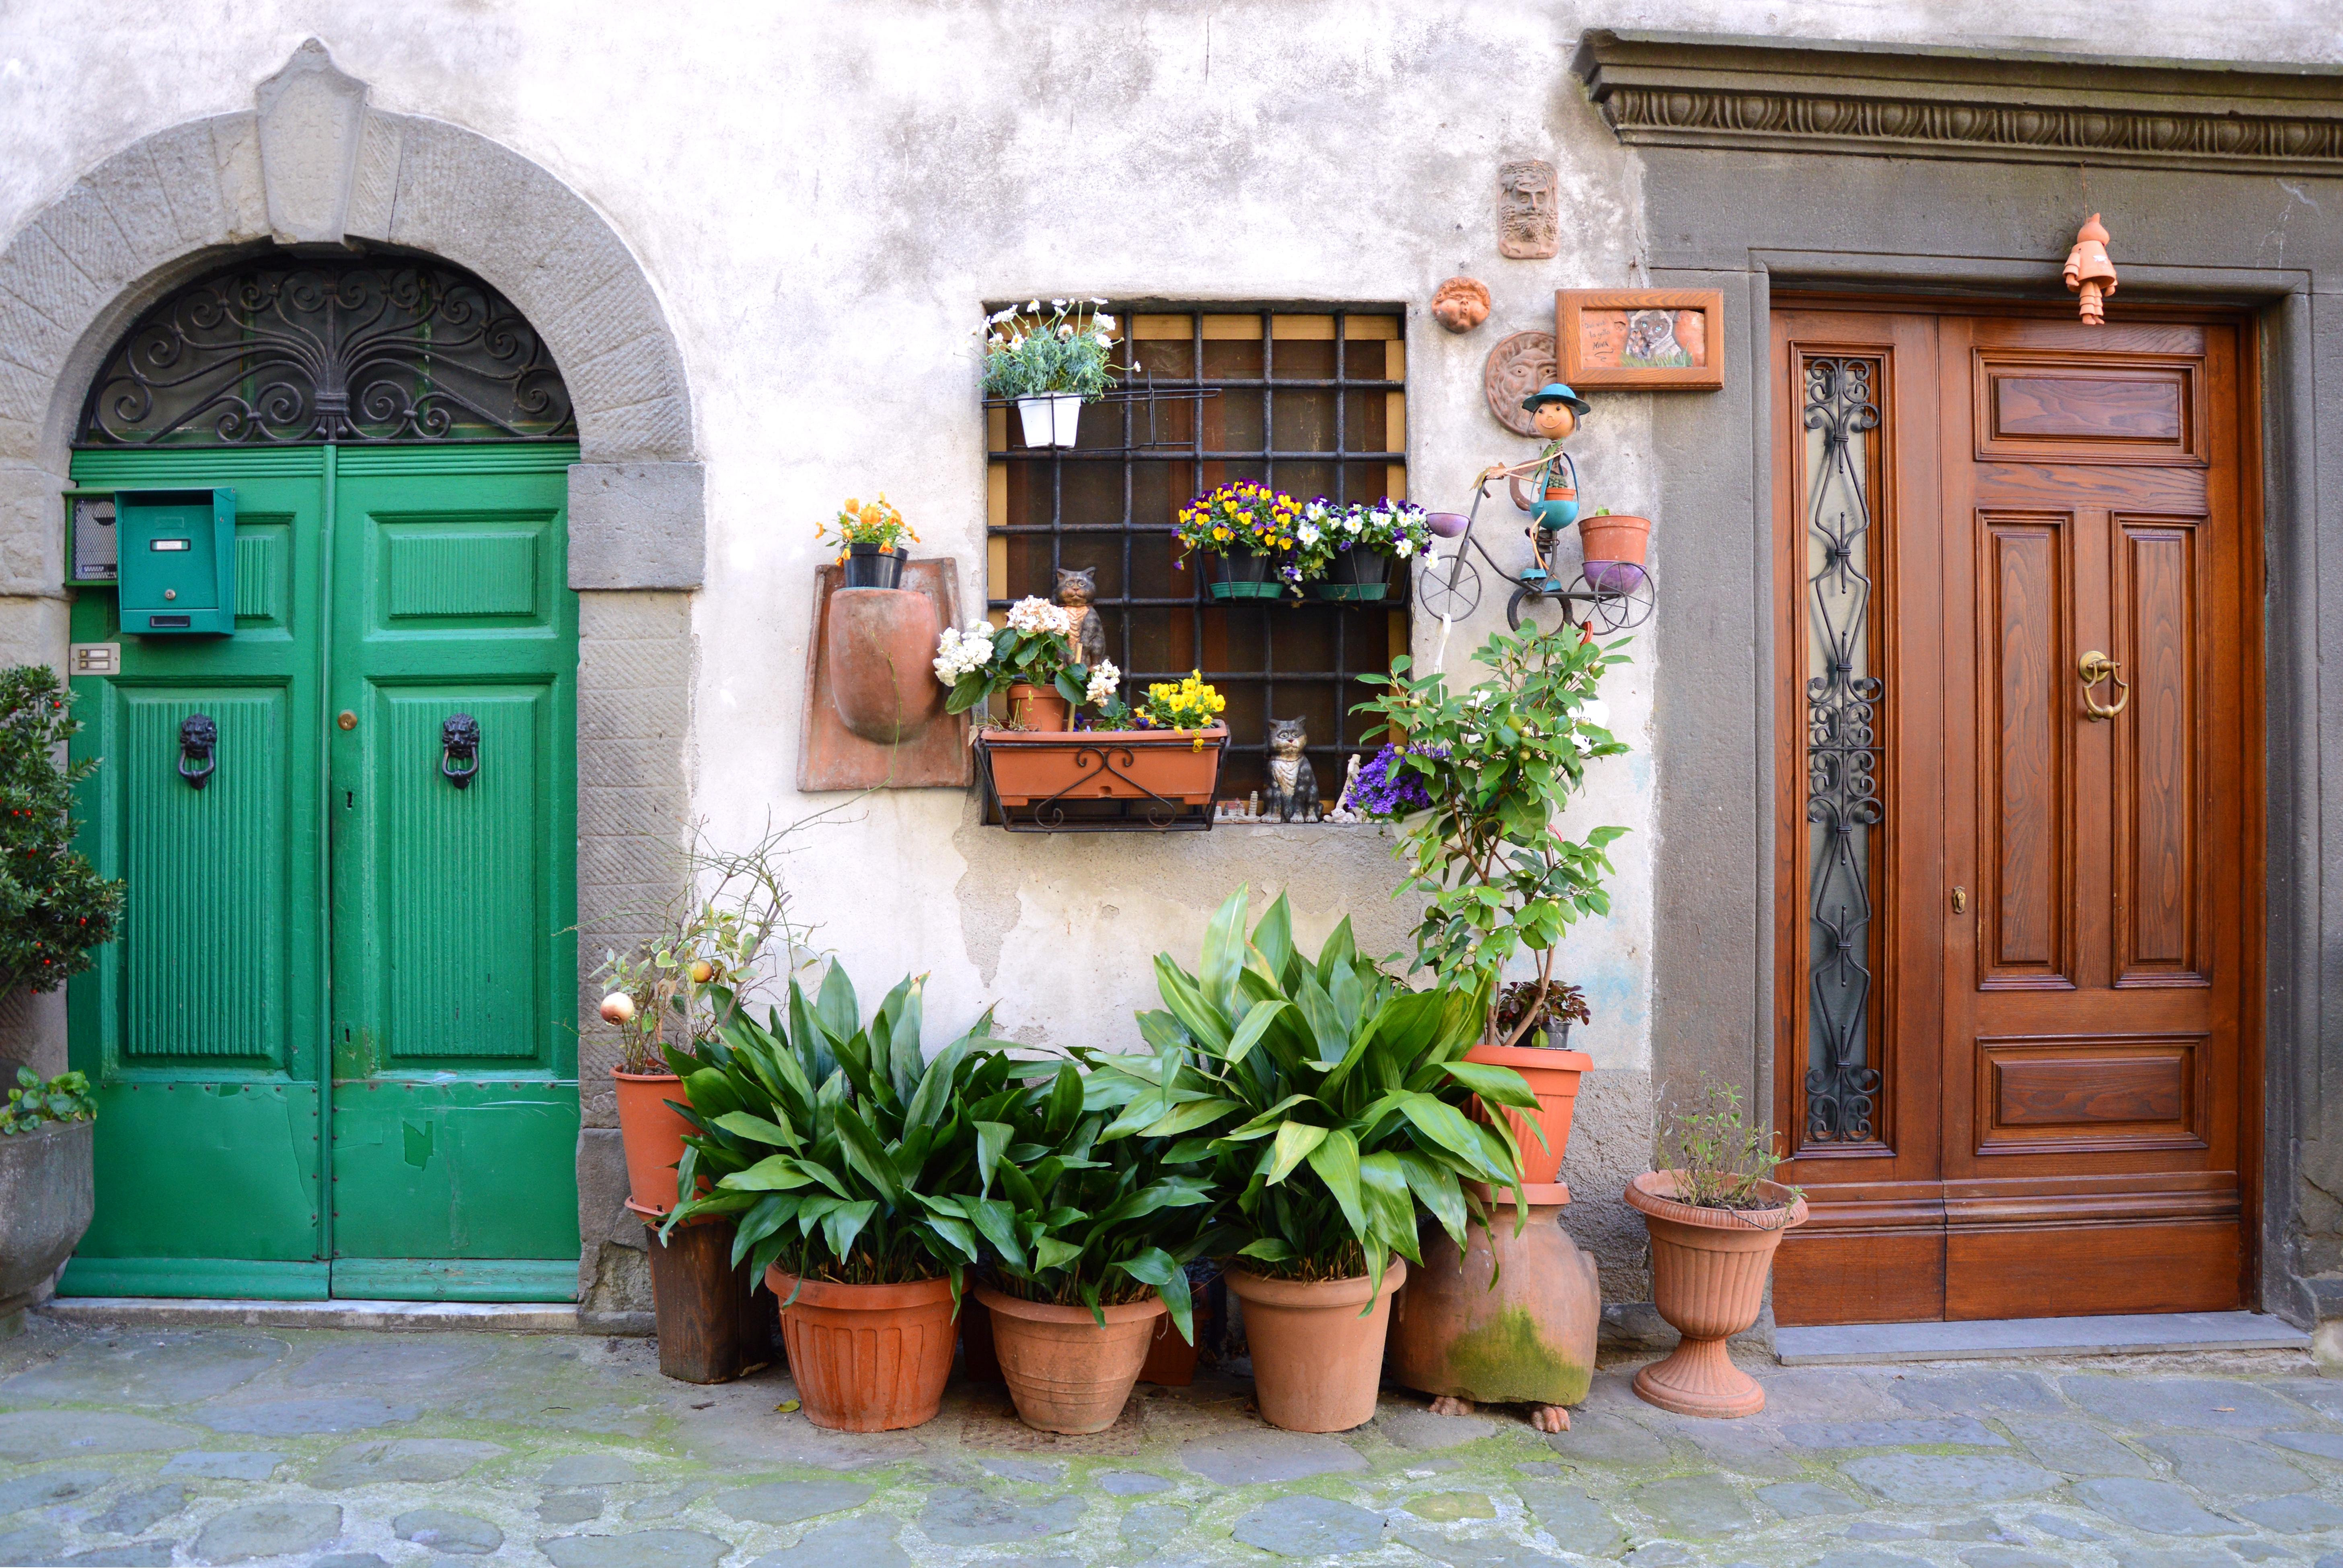 ghivizzano,lucca,garfagnana,italia,toscana,borgo,castello